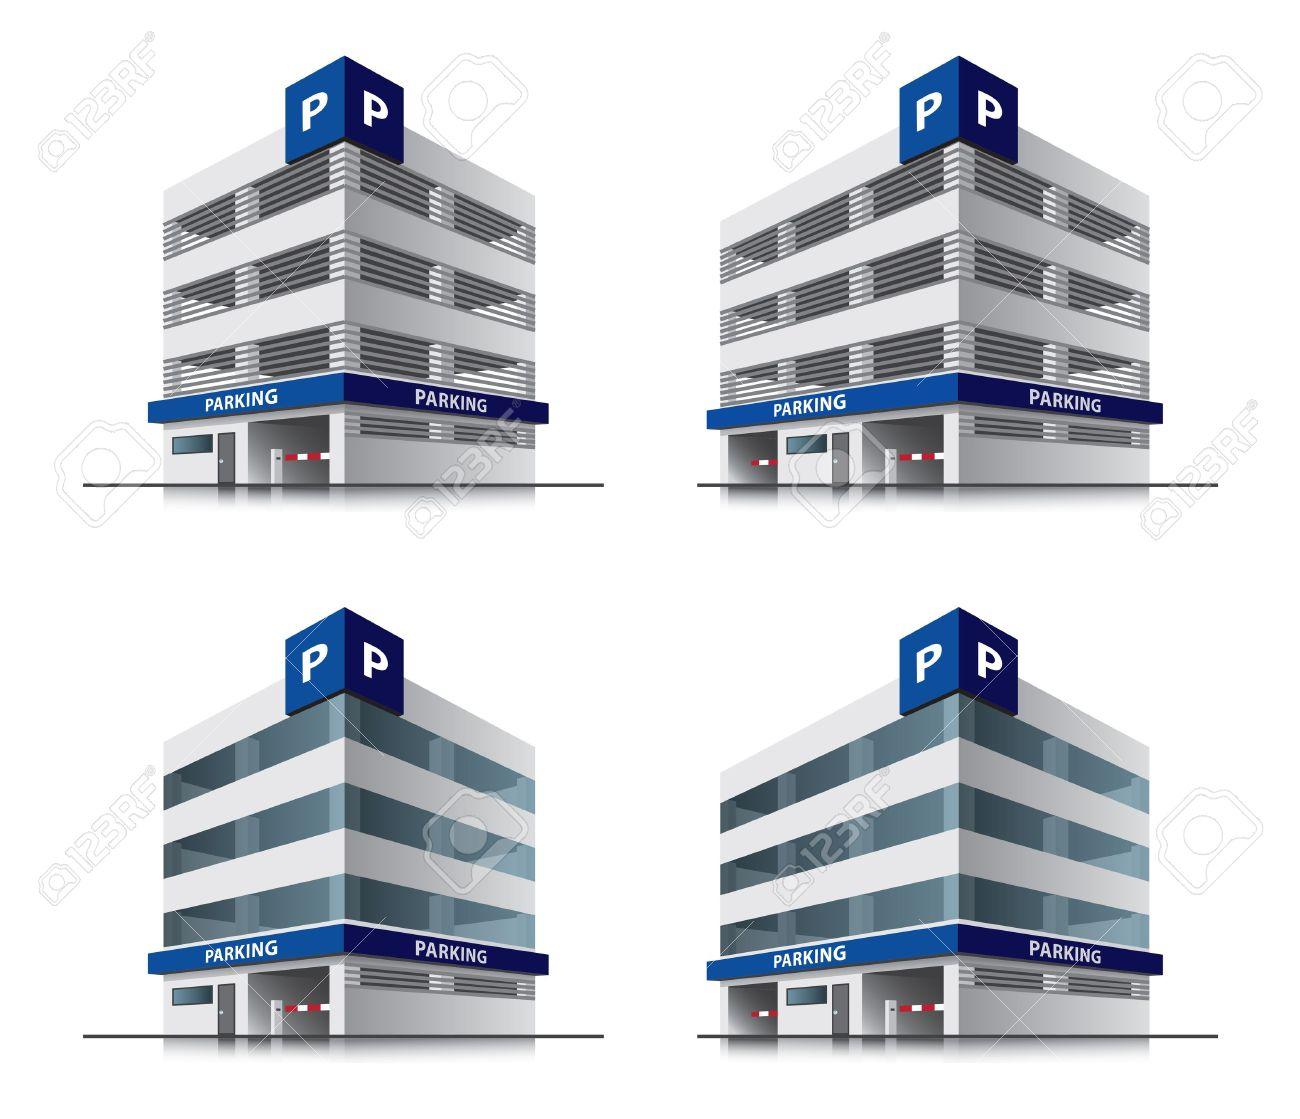 Four cartoon car parking vector buildings Stock Vector - 21581628